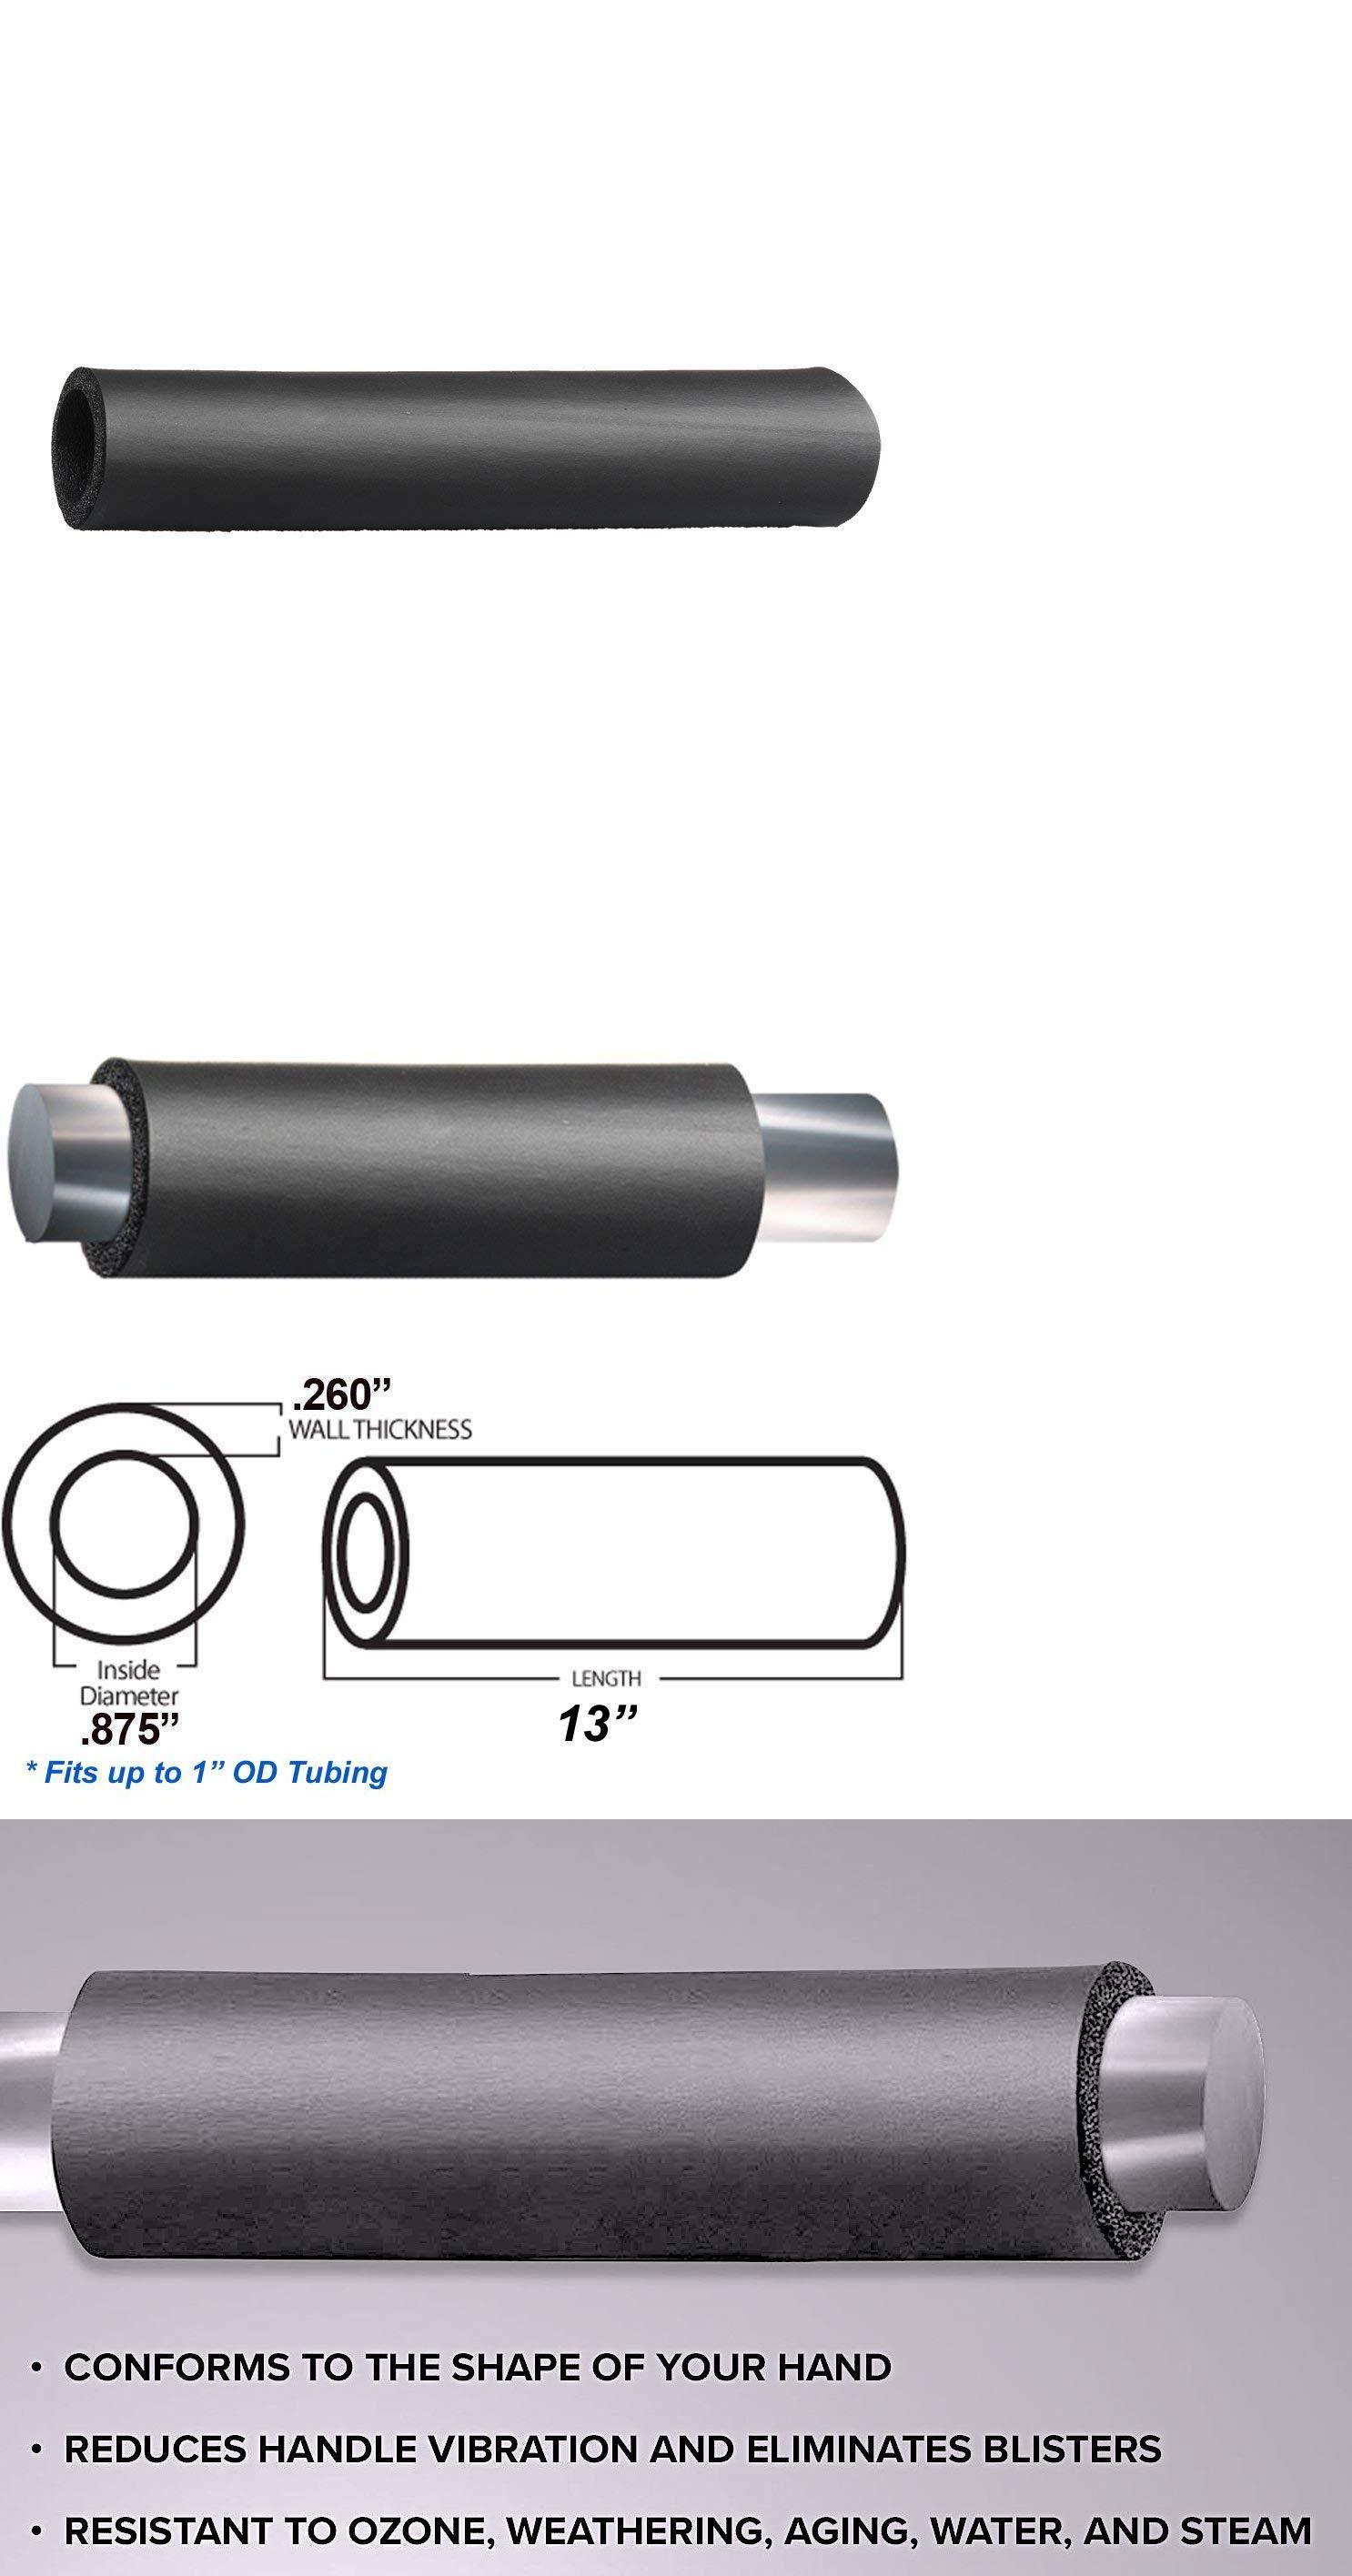 1 X 13 Long Foam Hand Grip Tool Garden Handle Tube Bar Fitness Rubber 2 Pack Hand Grip Foam Grip